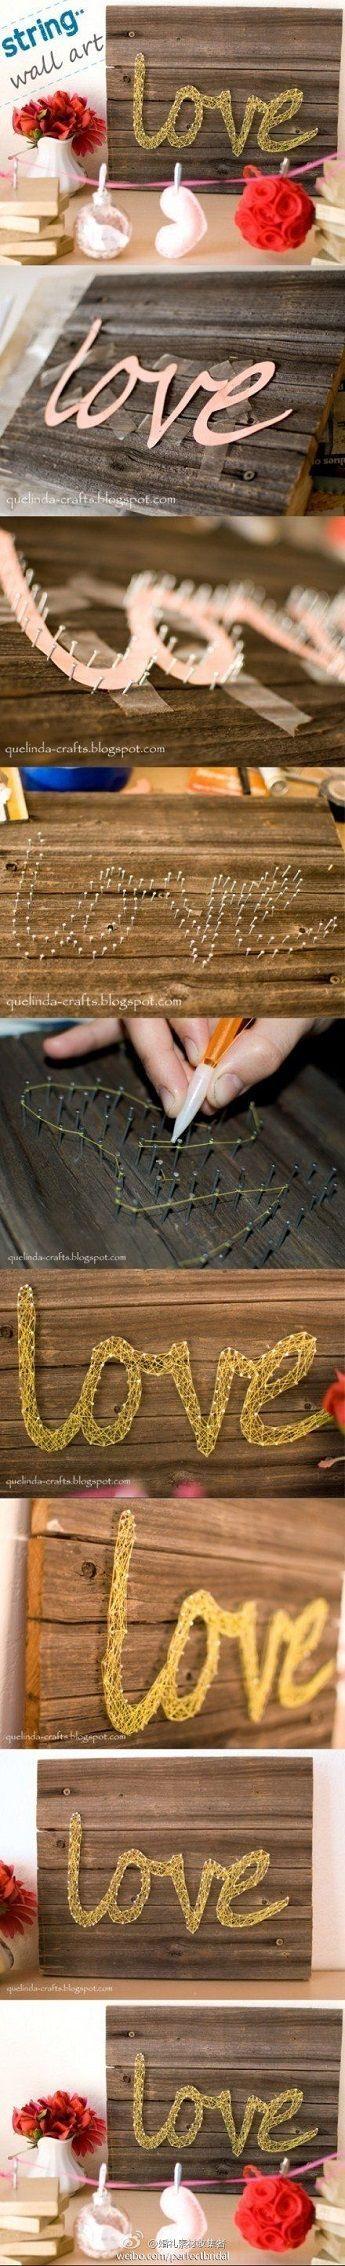 Cómo hacer cuadros con hilos y clavos